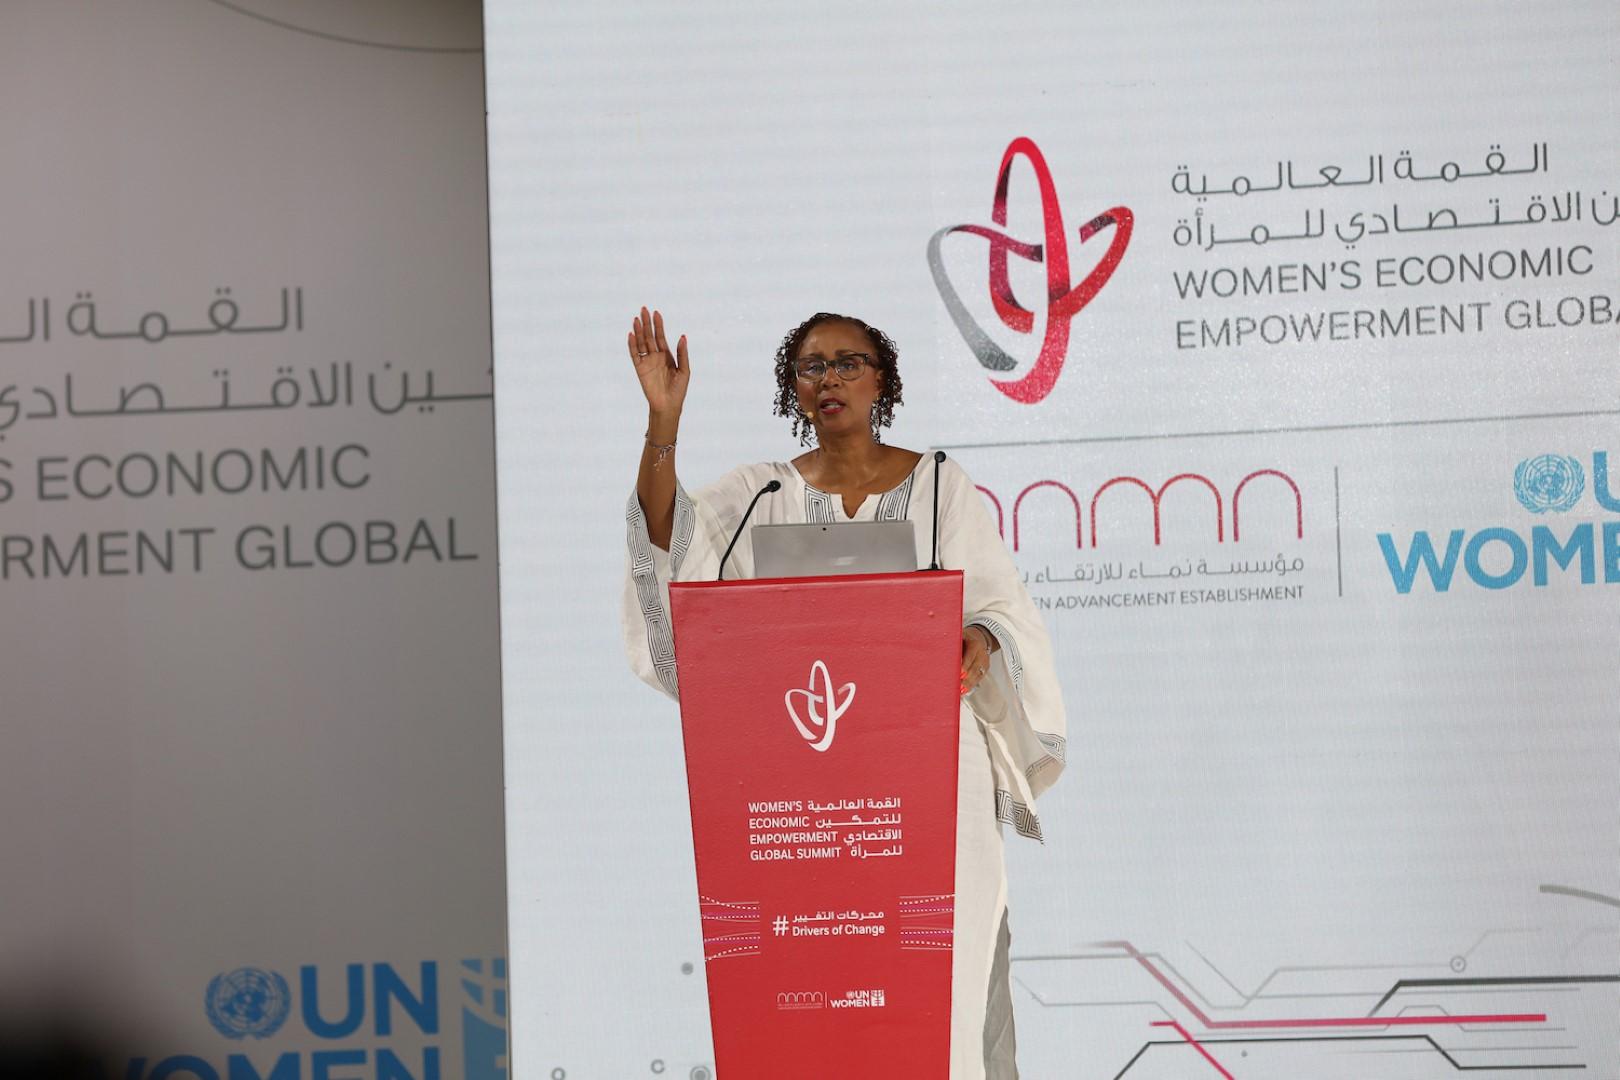 القمة العالمية للتمكين الاقتصادي للمرأة تناقش المشتريات المراعية للنوع الاجتماعي